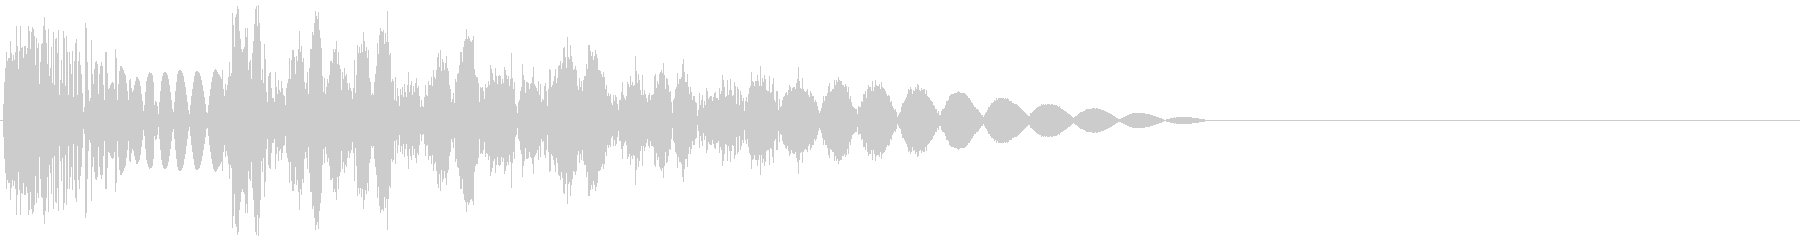 ズバッ(攻撃音・打撃音・パンチ)の未再生の波形